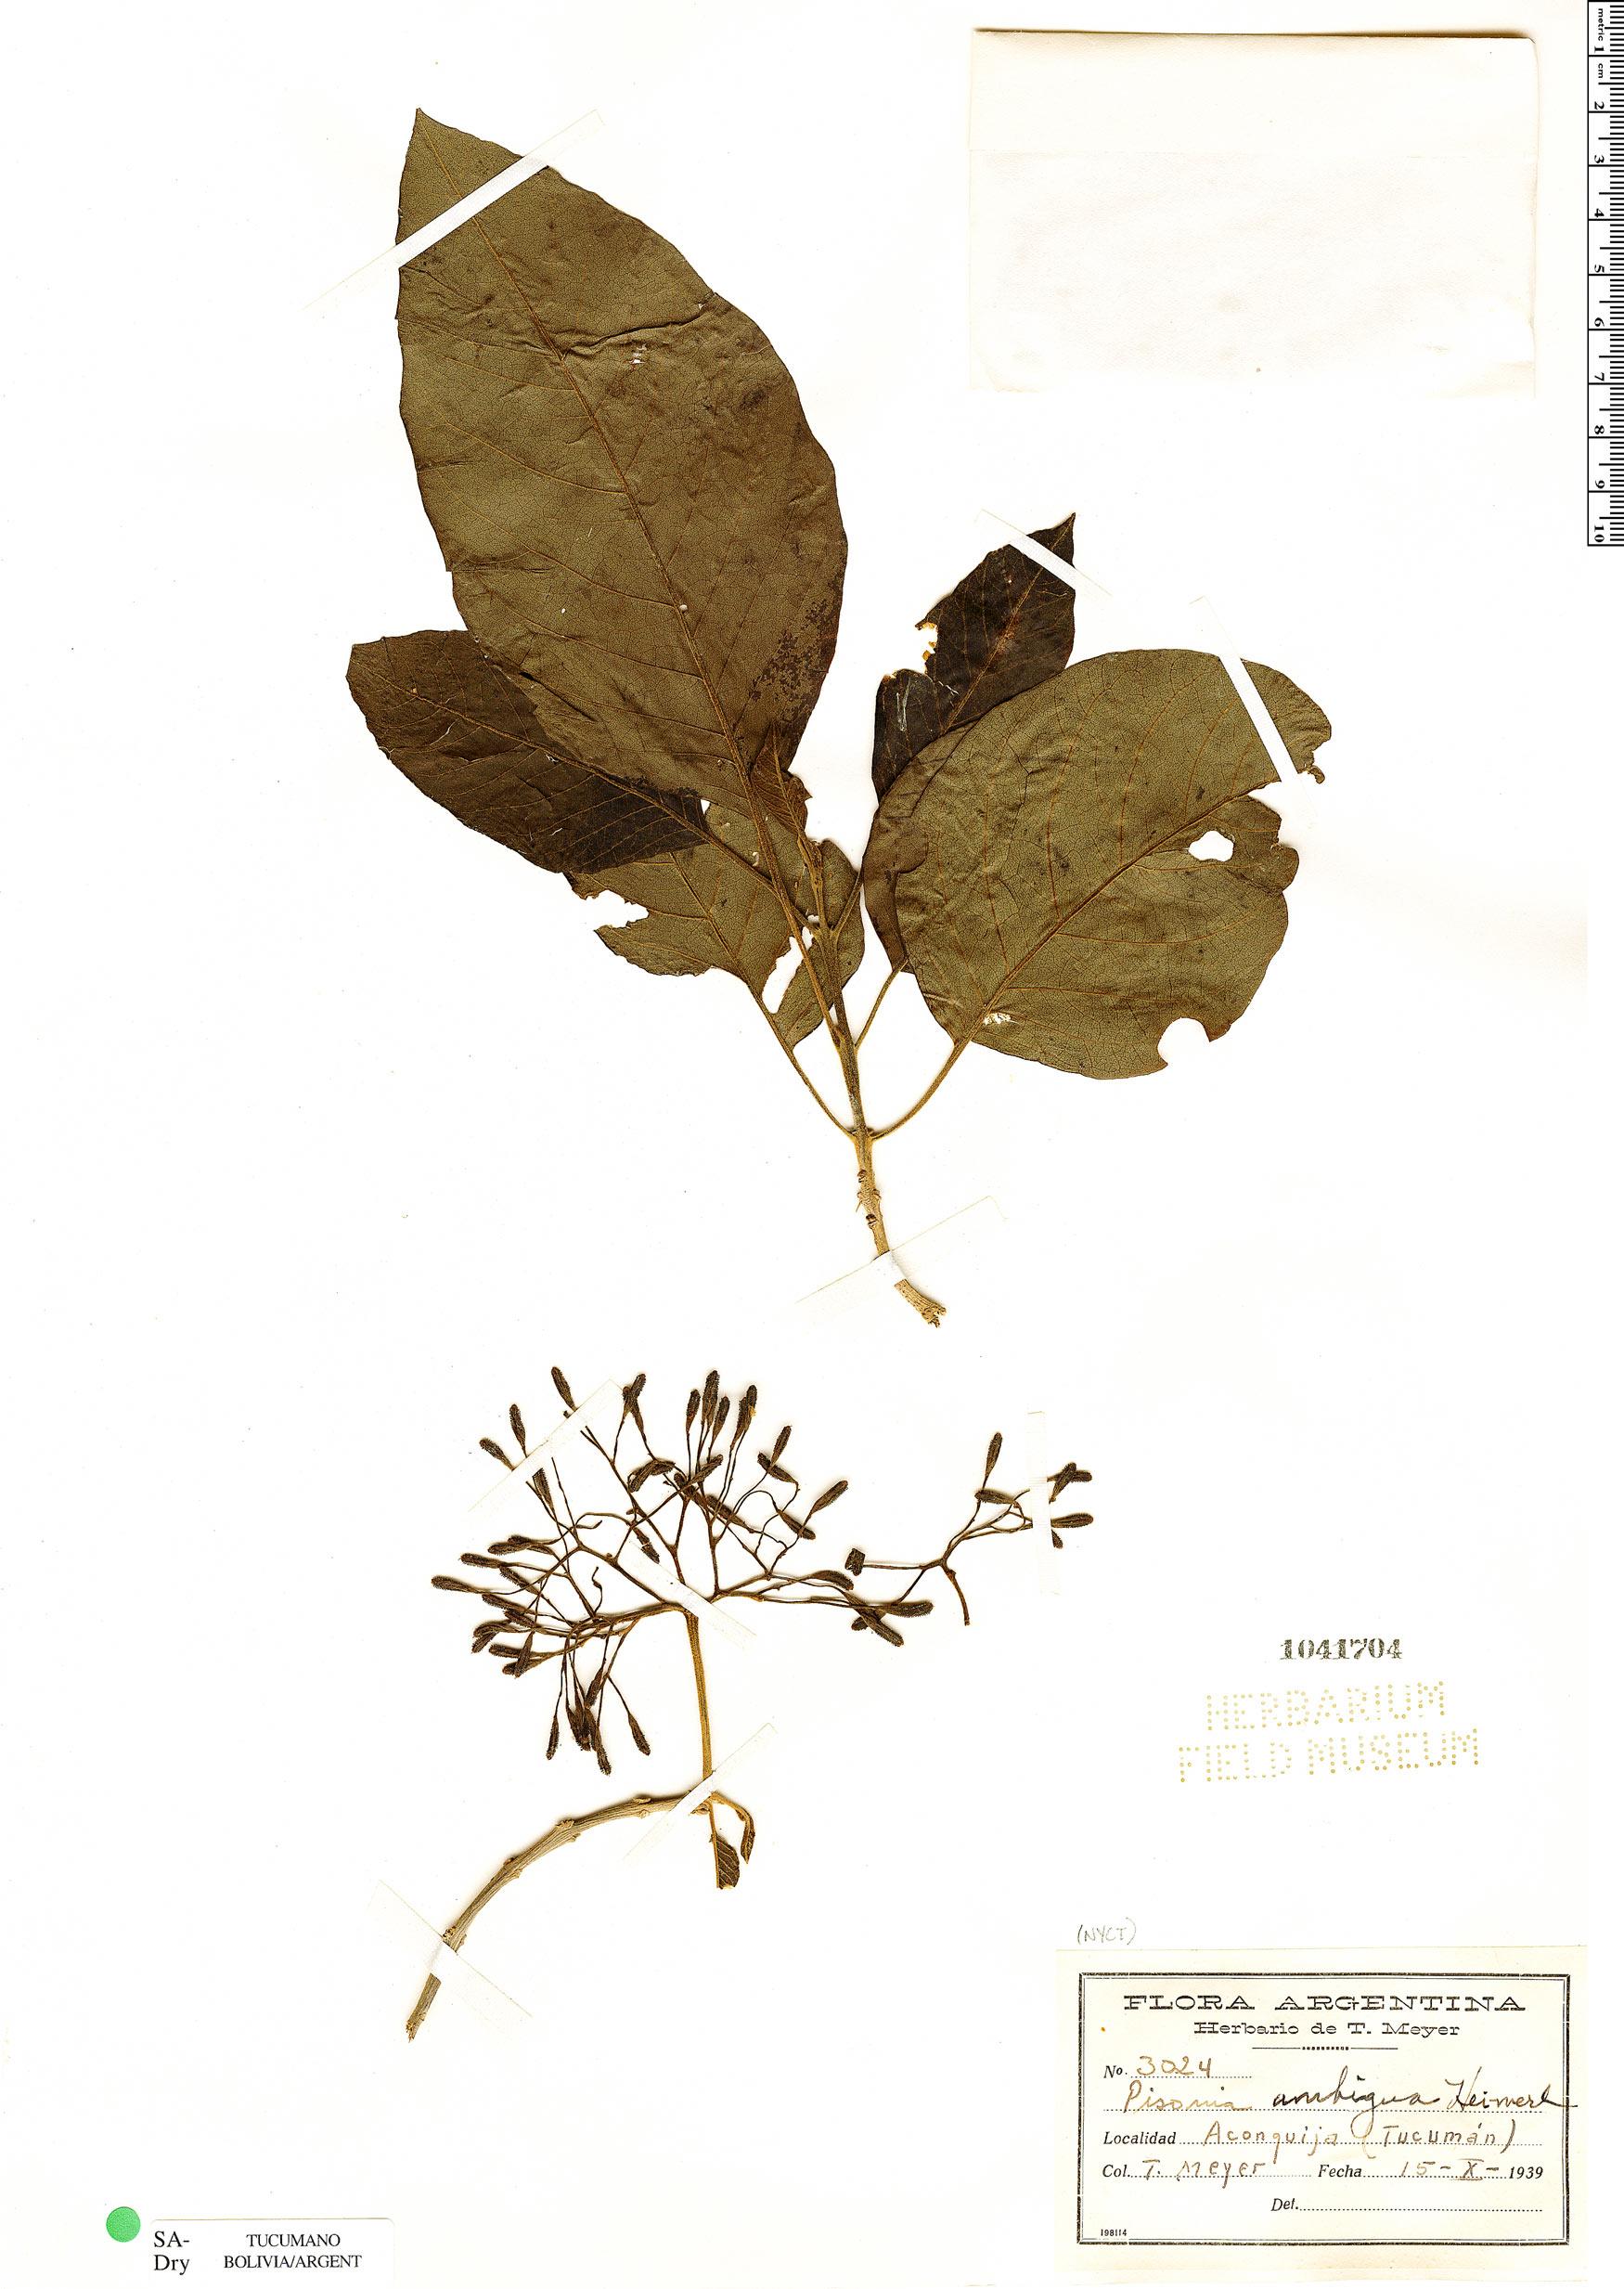 Specimen: Pisonia ambigua